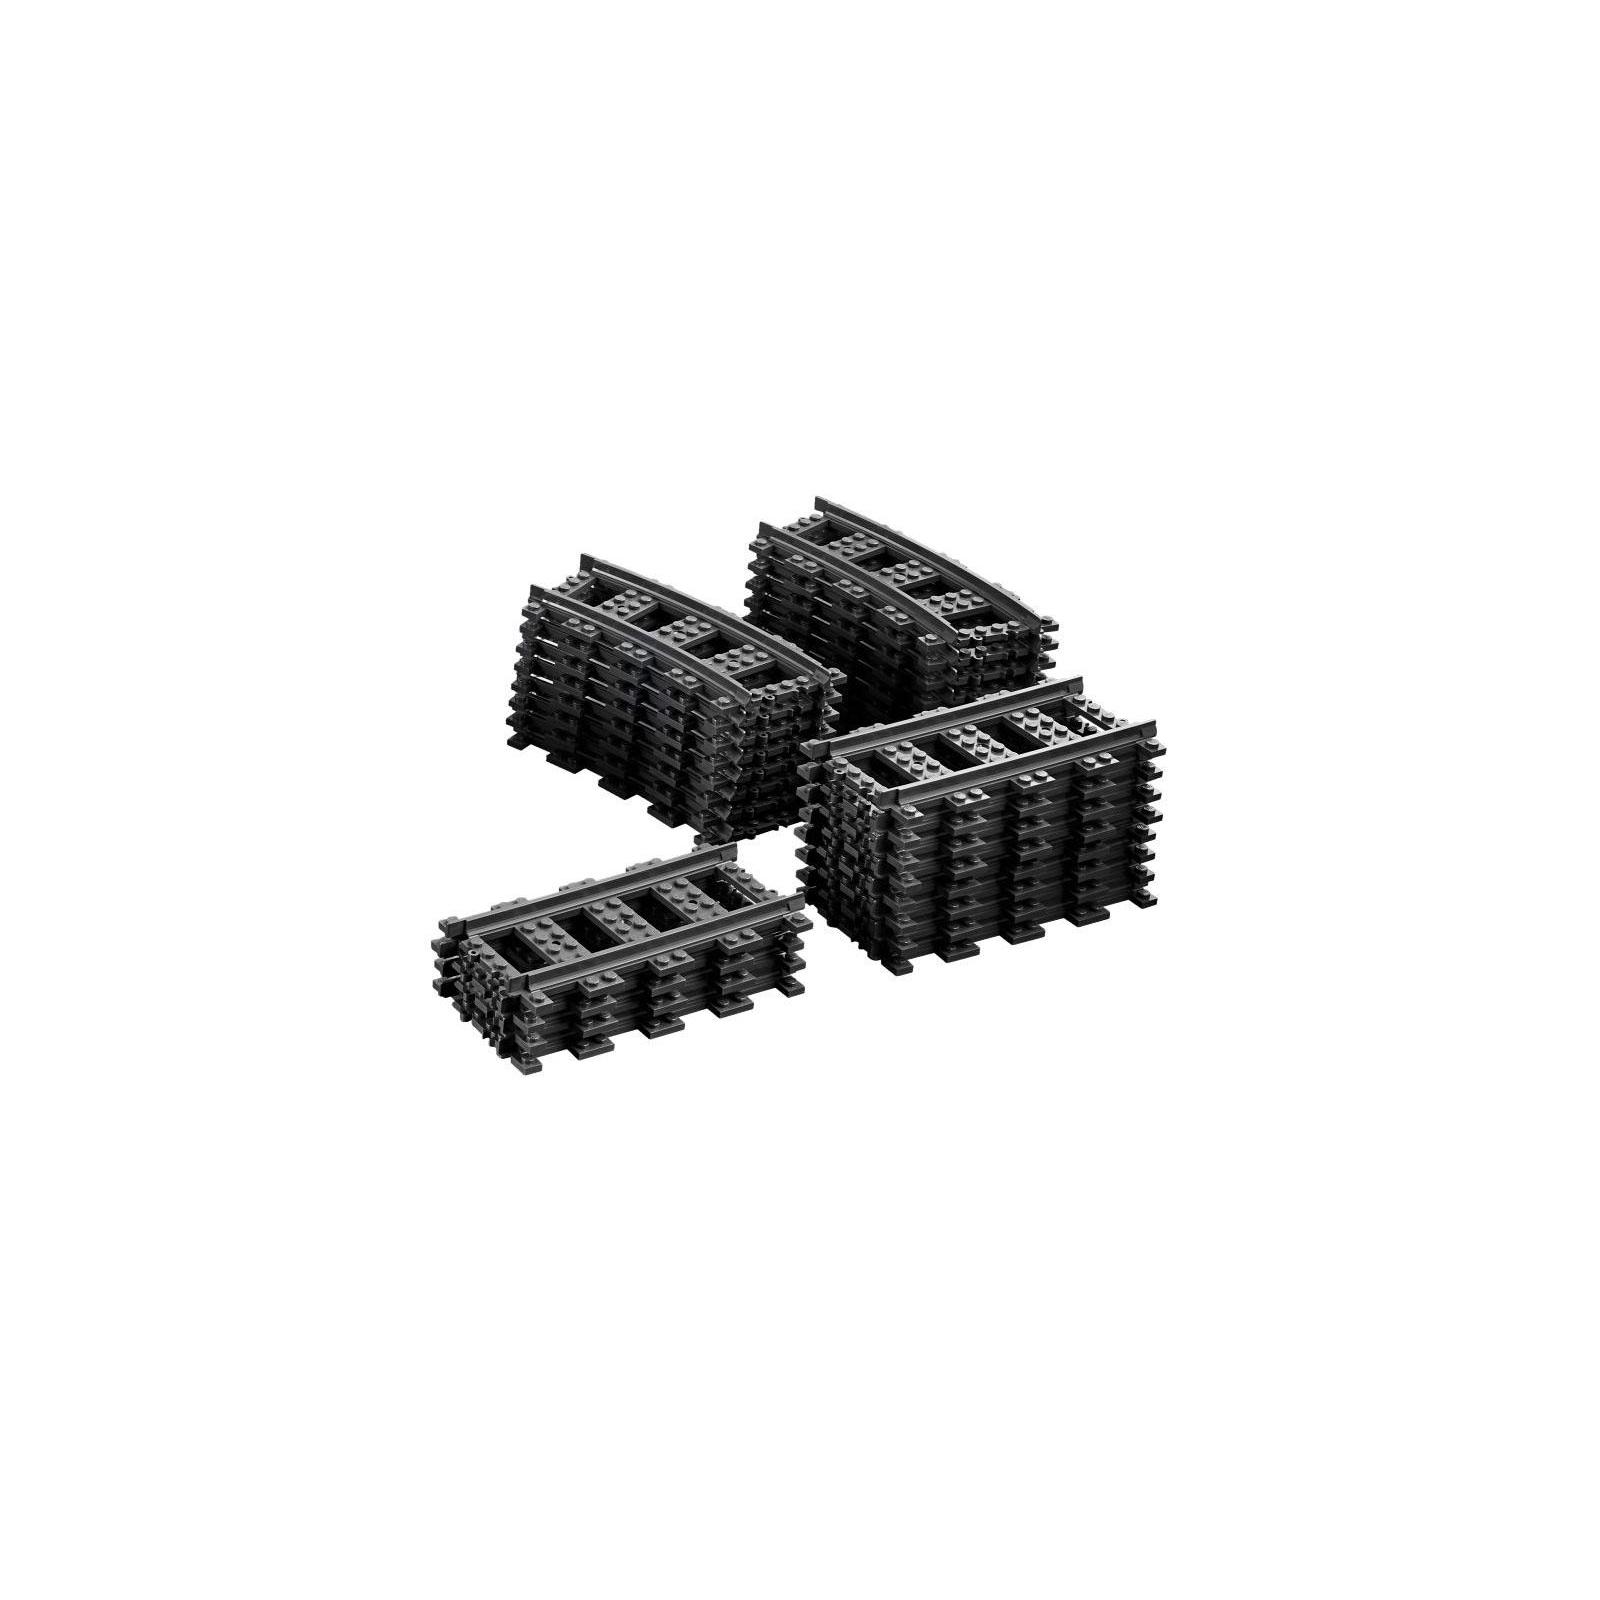 Конструктор LEGO CITY Грузовой поезд (60198) изображение 8